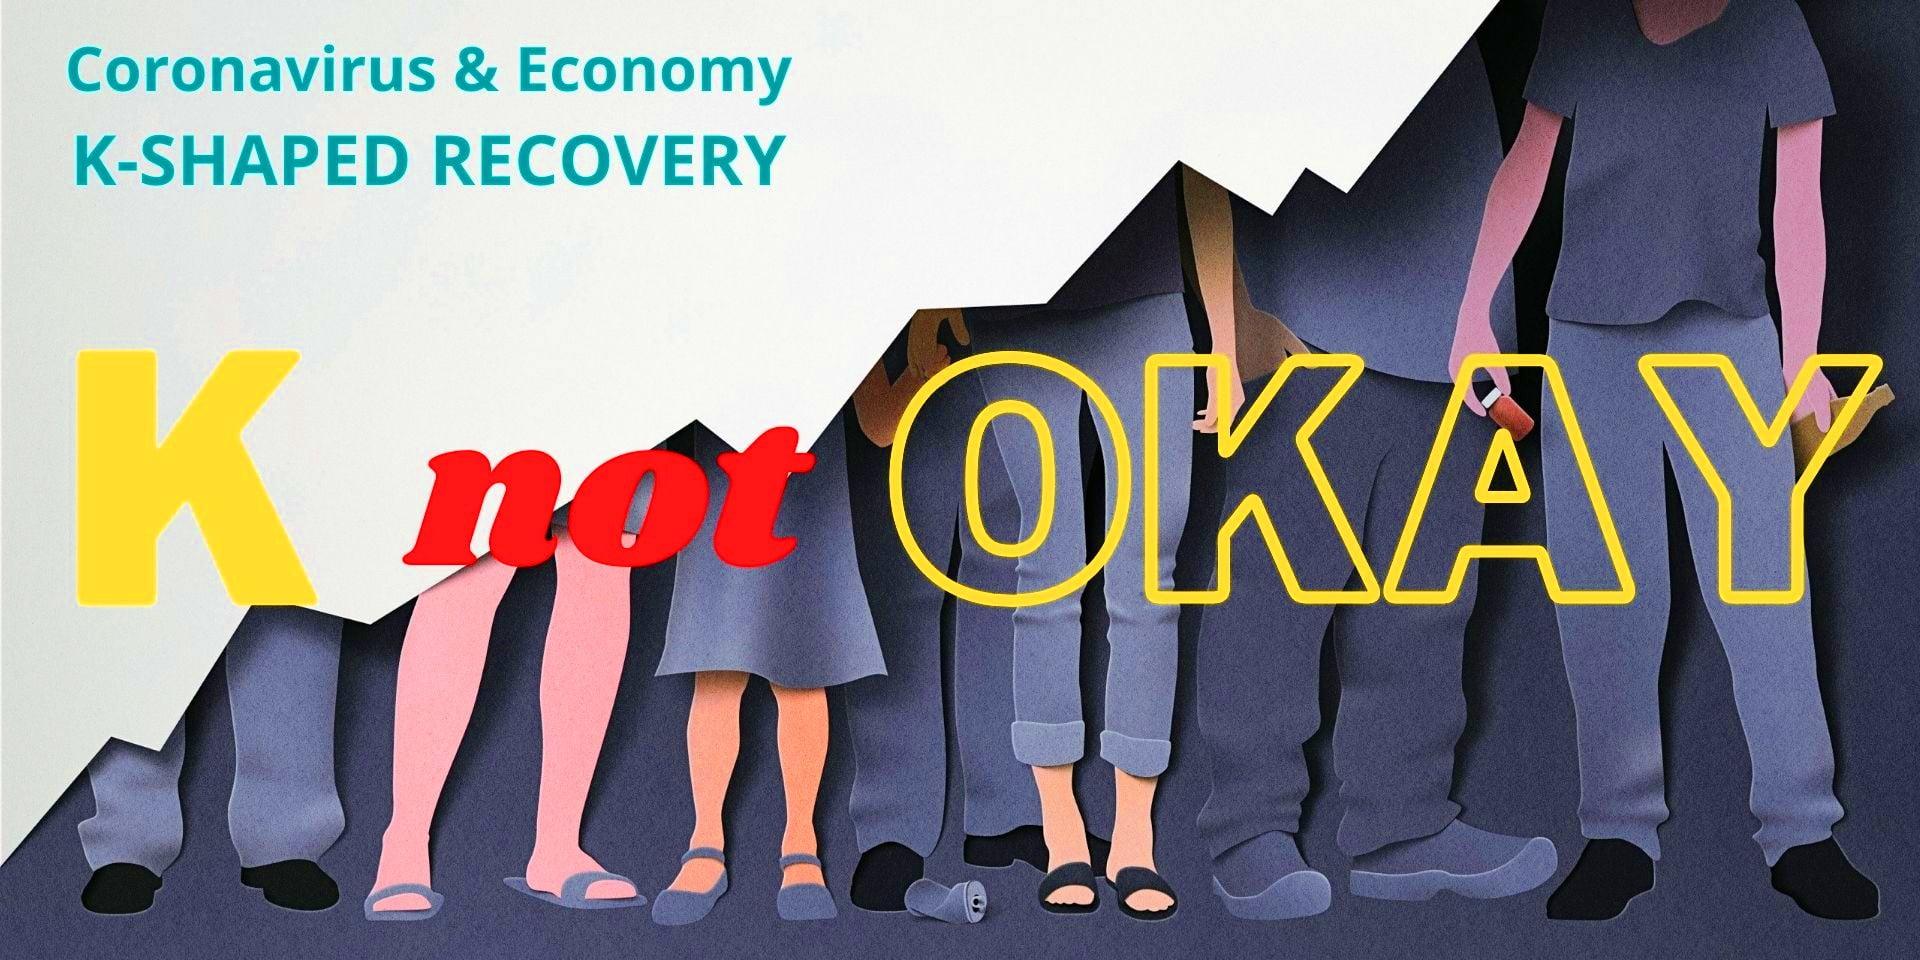 """Covid 19 """"ép"""" kinh tế phục hồi theo chữ gì?"""